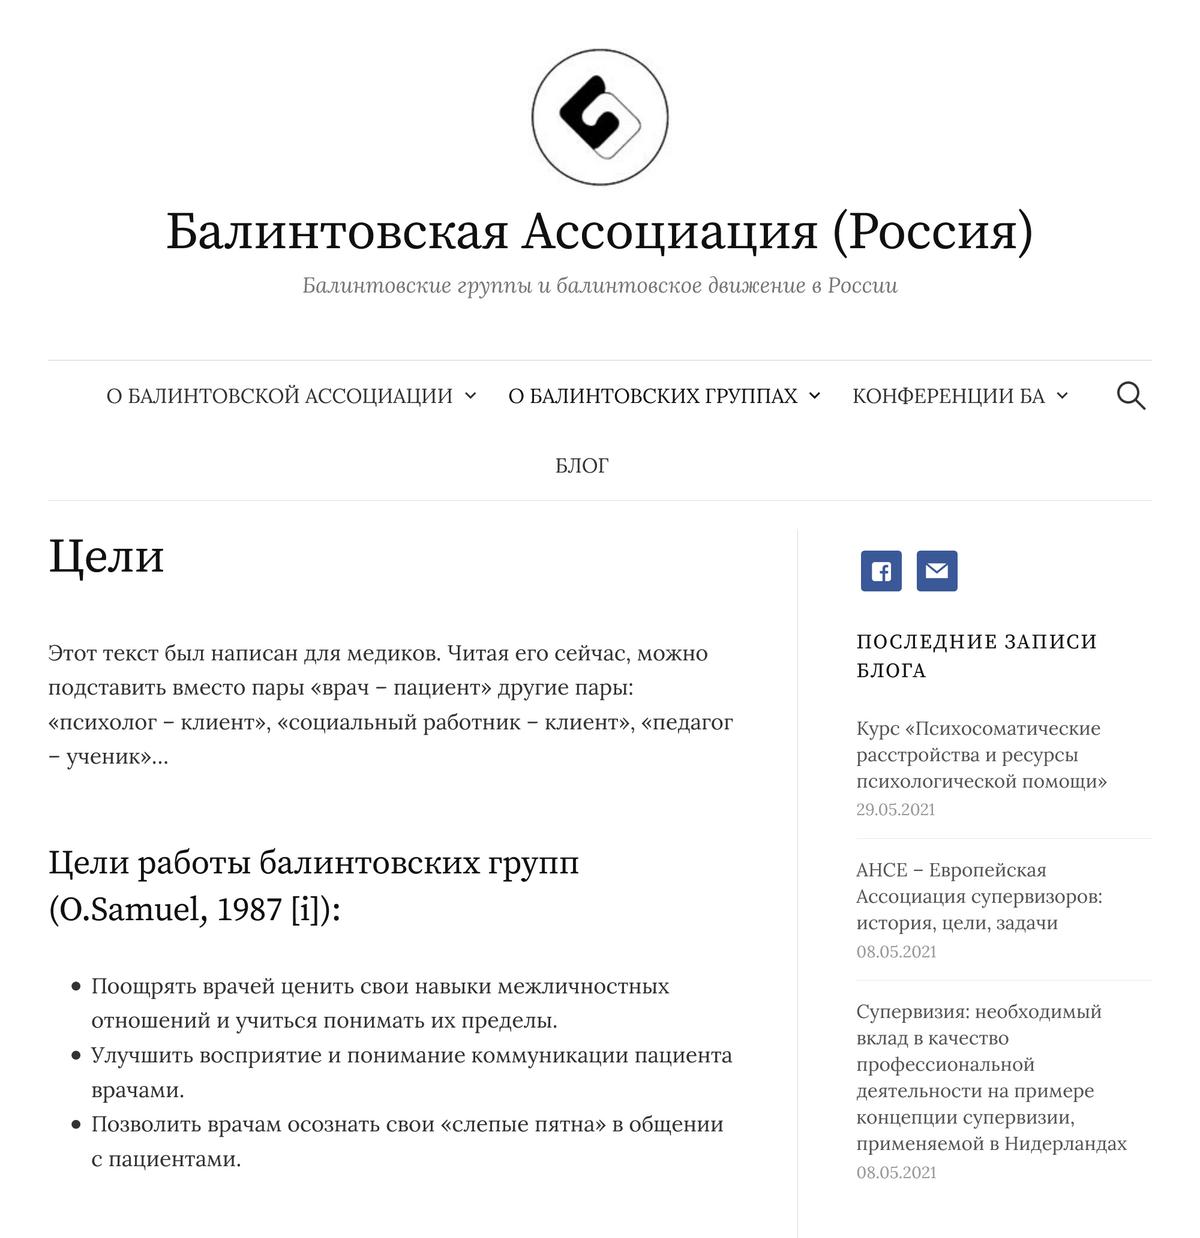 Сейчас можно найти винтернете несколько ассоциаций, которые работают пометоду балинтовской группы. Источник: «Балинтовская Ассоциация»